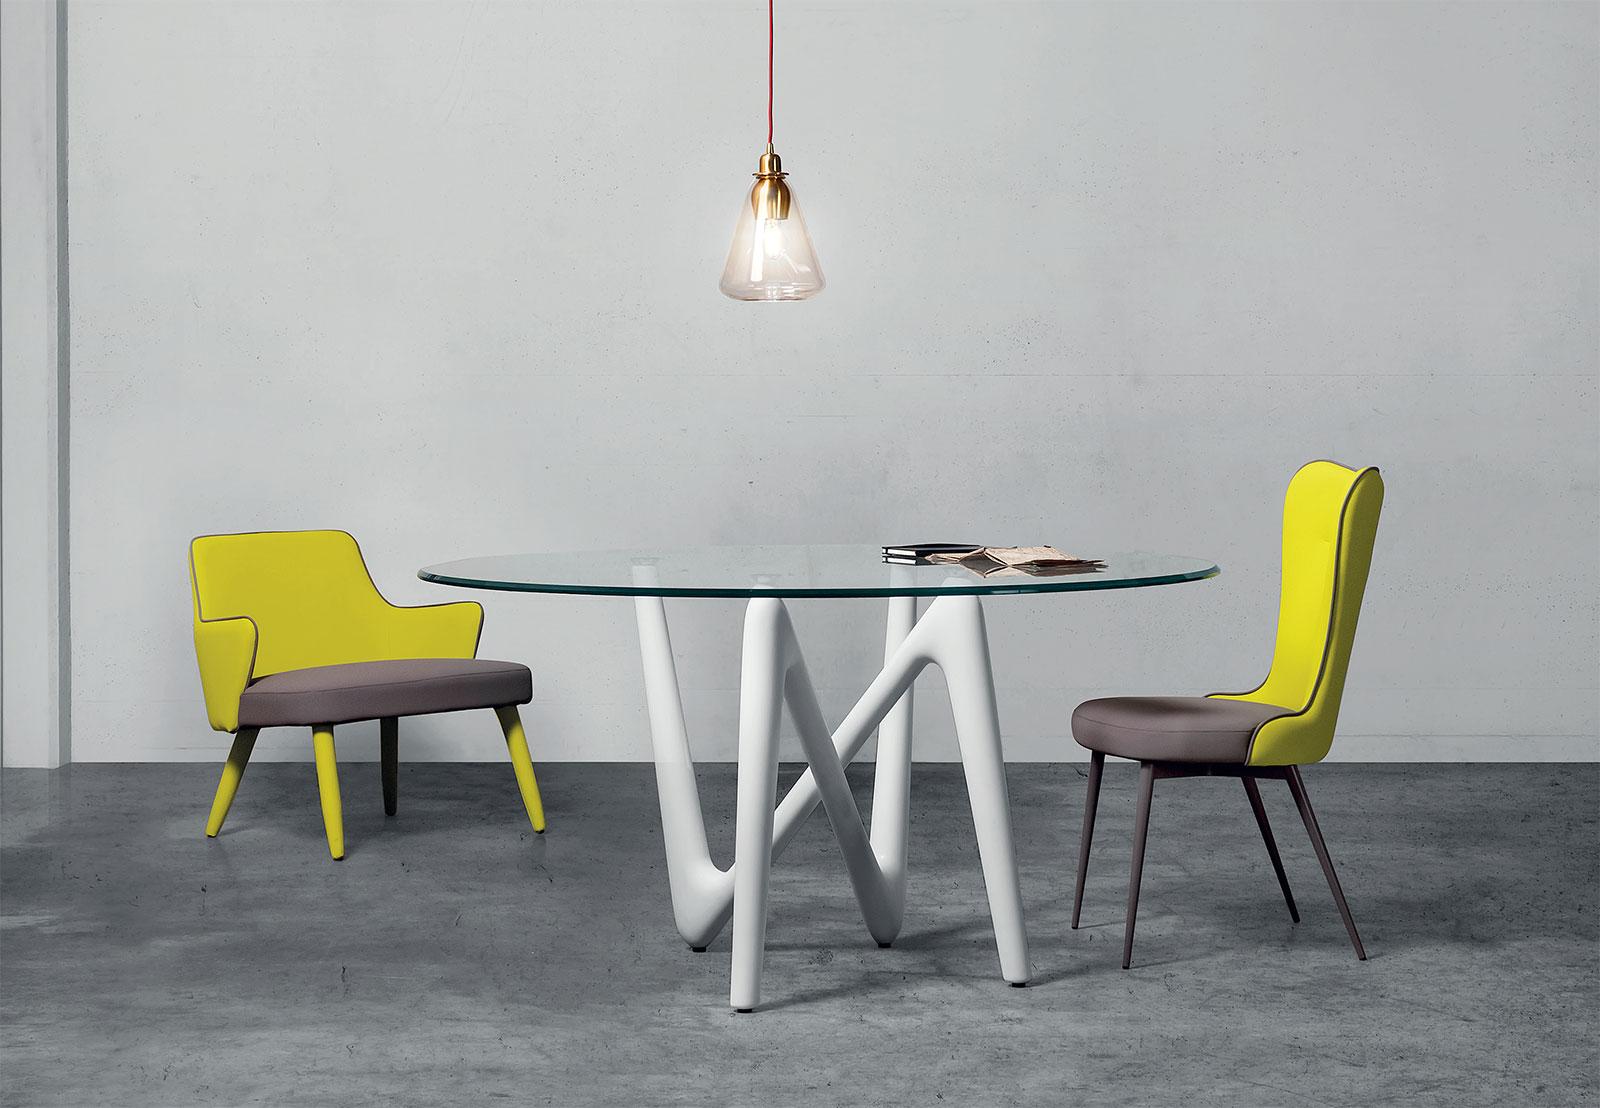 Edge tavolo da pranzo rotondo - Italy Dream Design